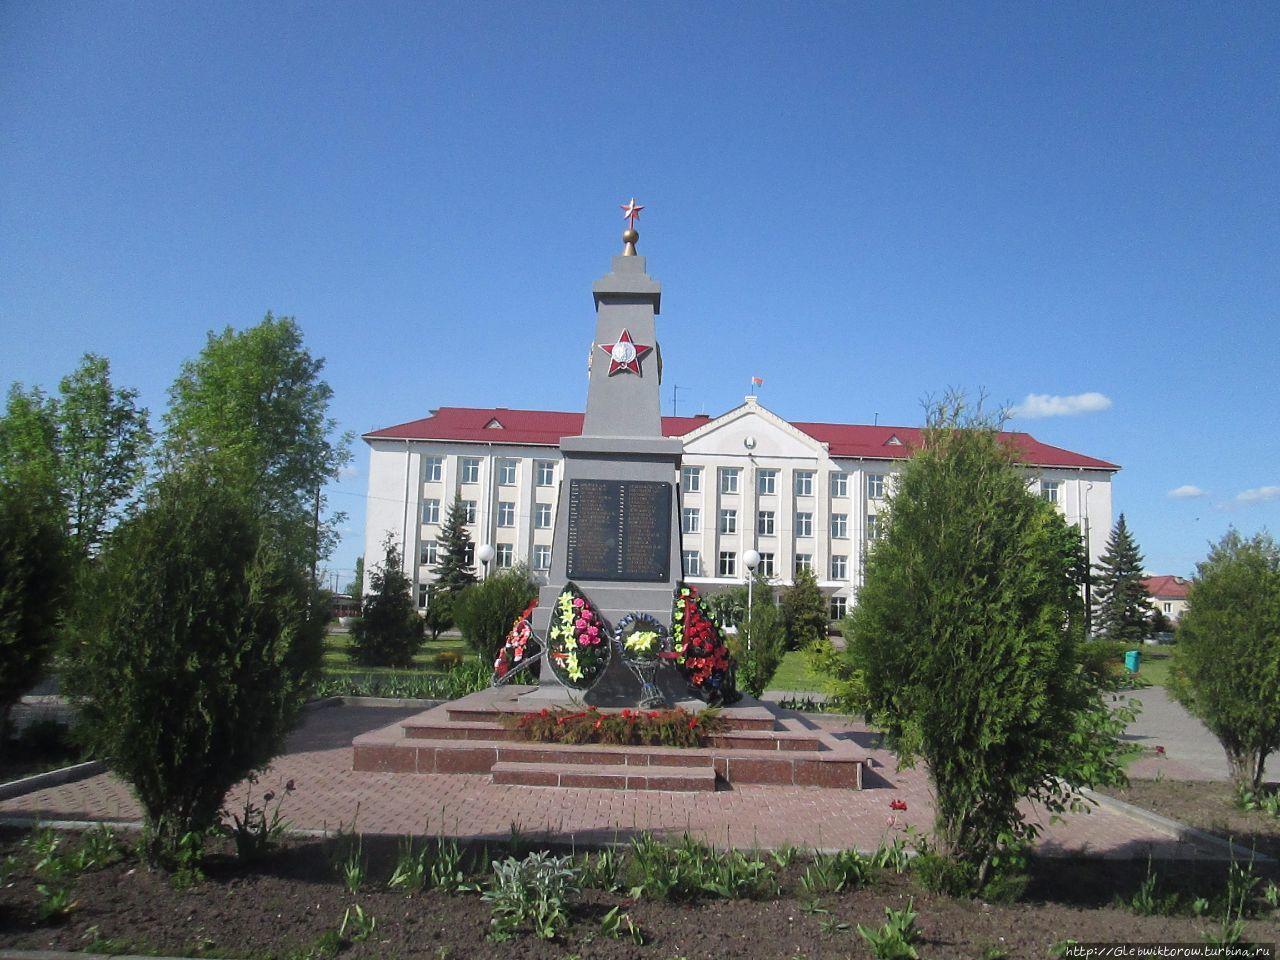 SHarkovshhina 4 1 - Шарковщина